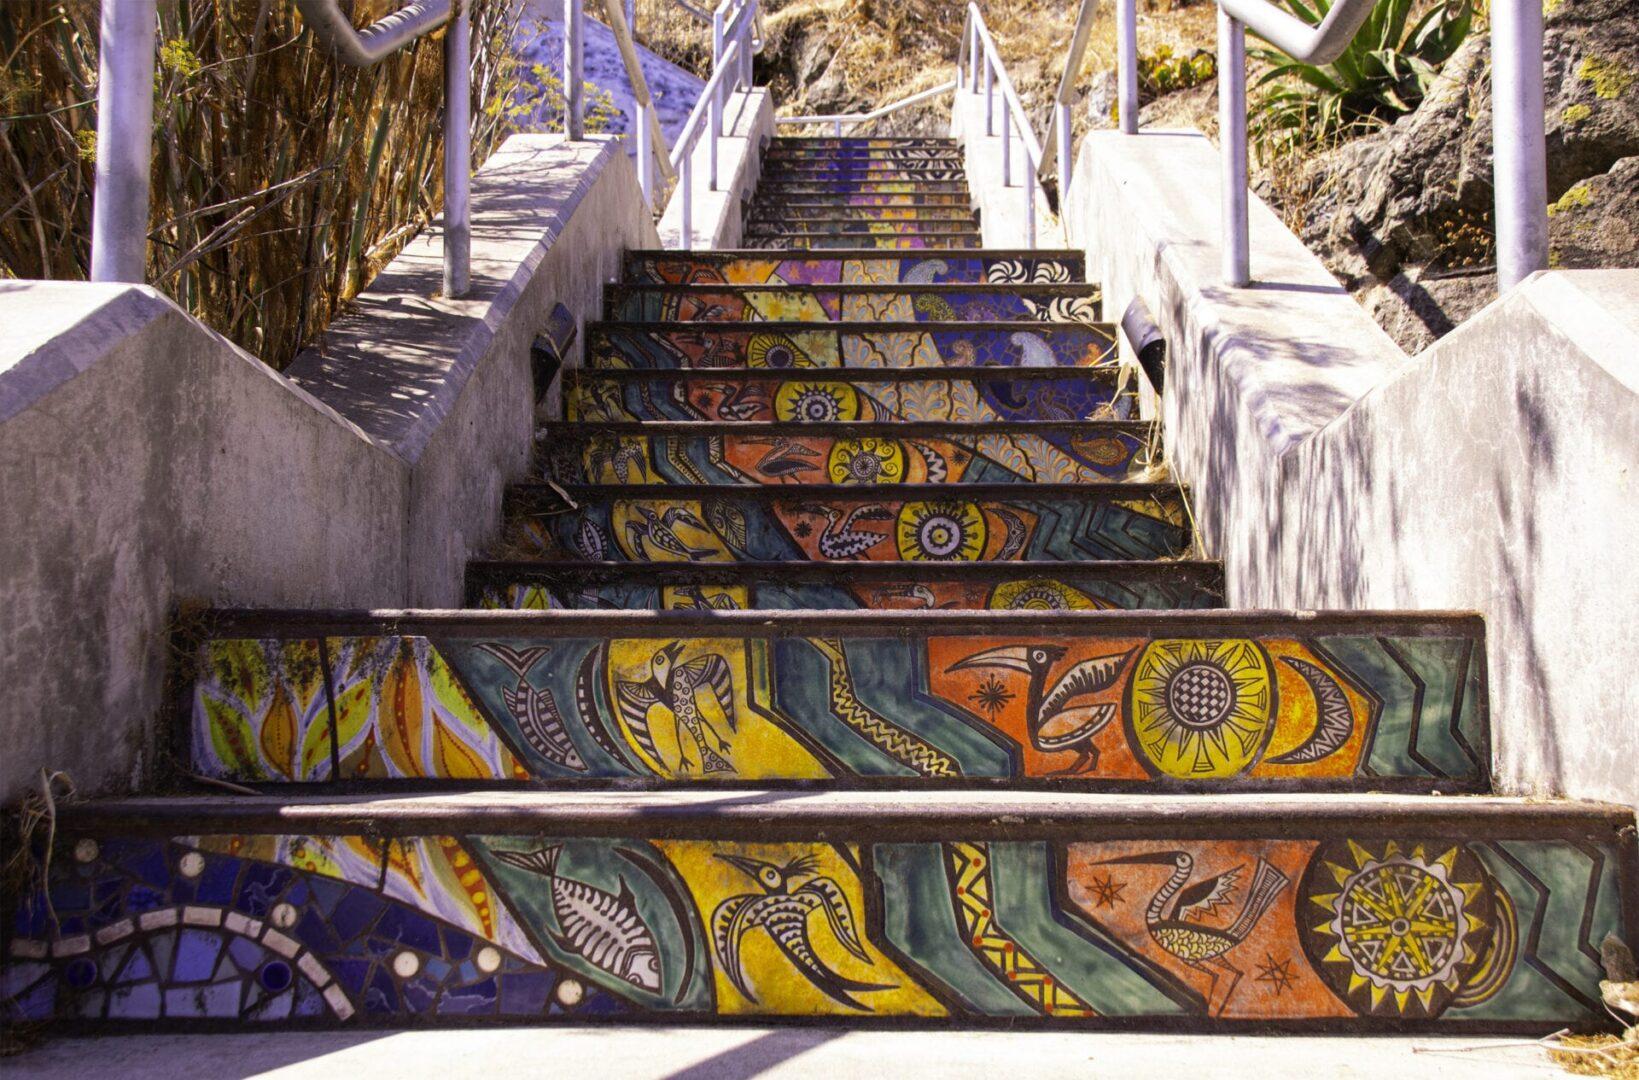 Flights of Fancy - Artful Stairs